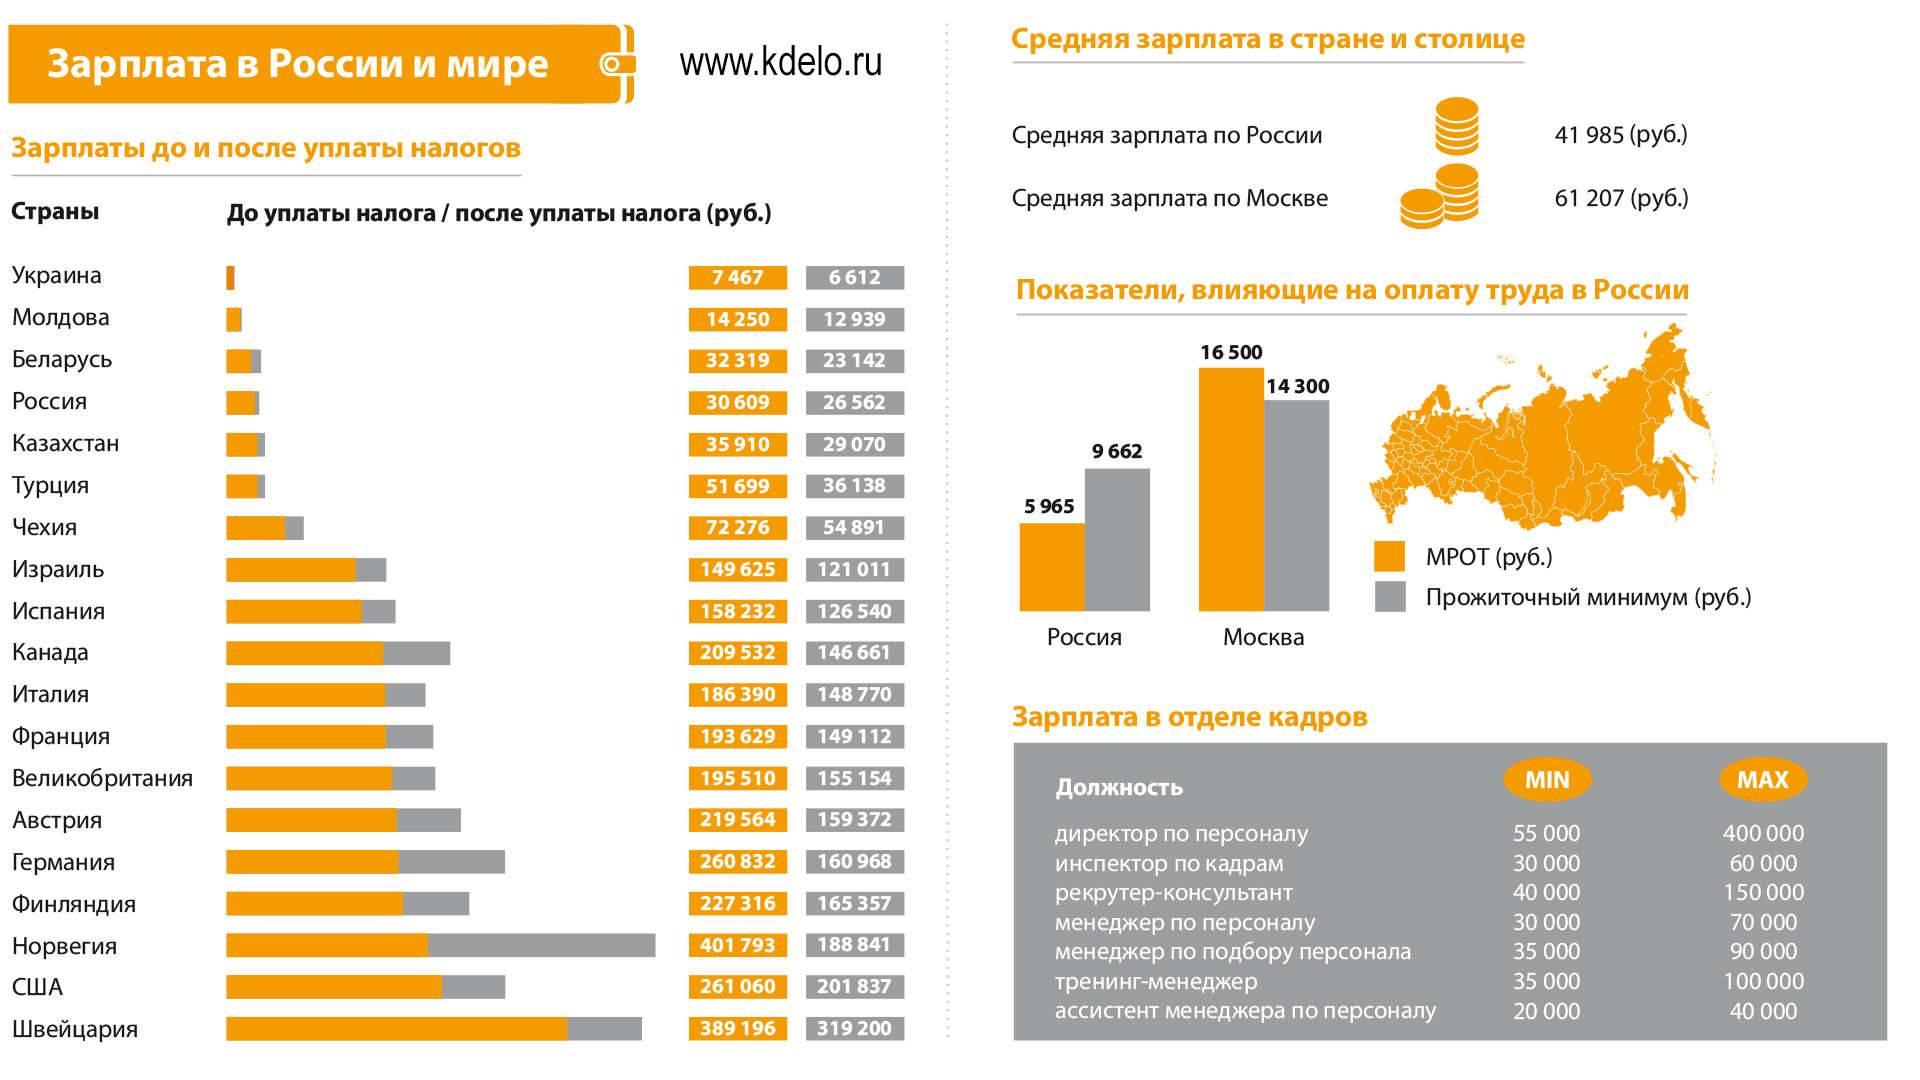 Зарплата в чехии в 2020 году: размер чешских зарплат по профессиям и регионам